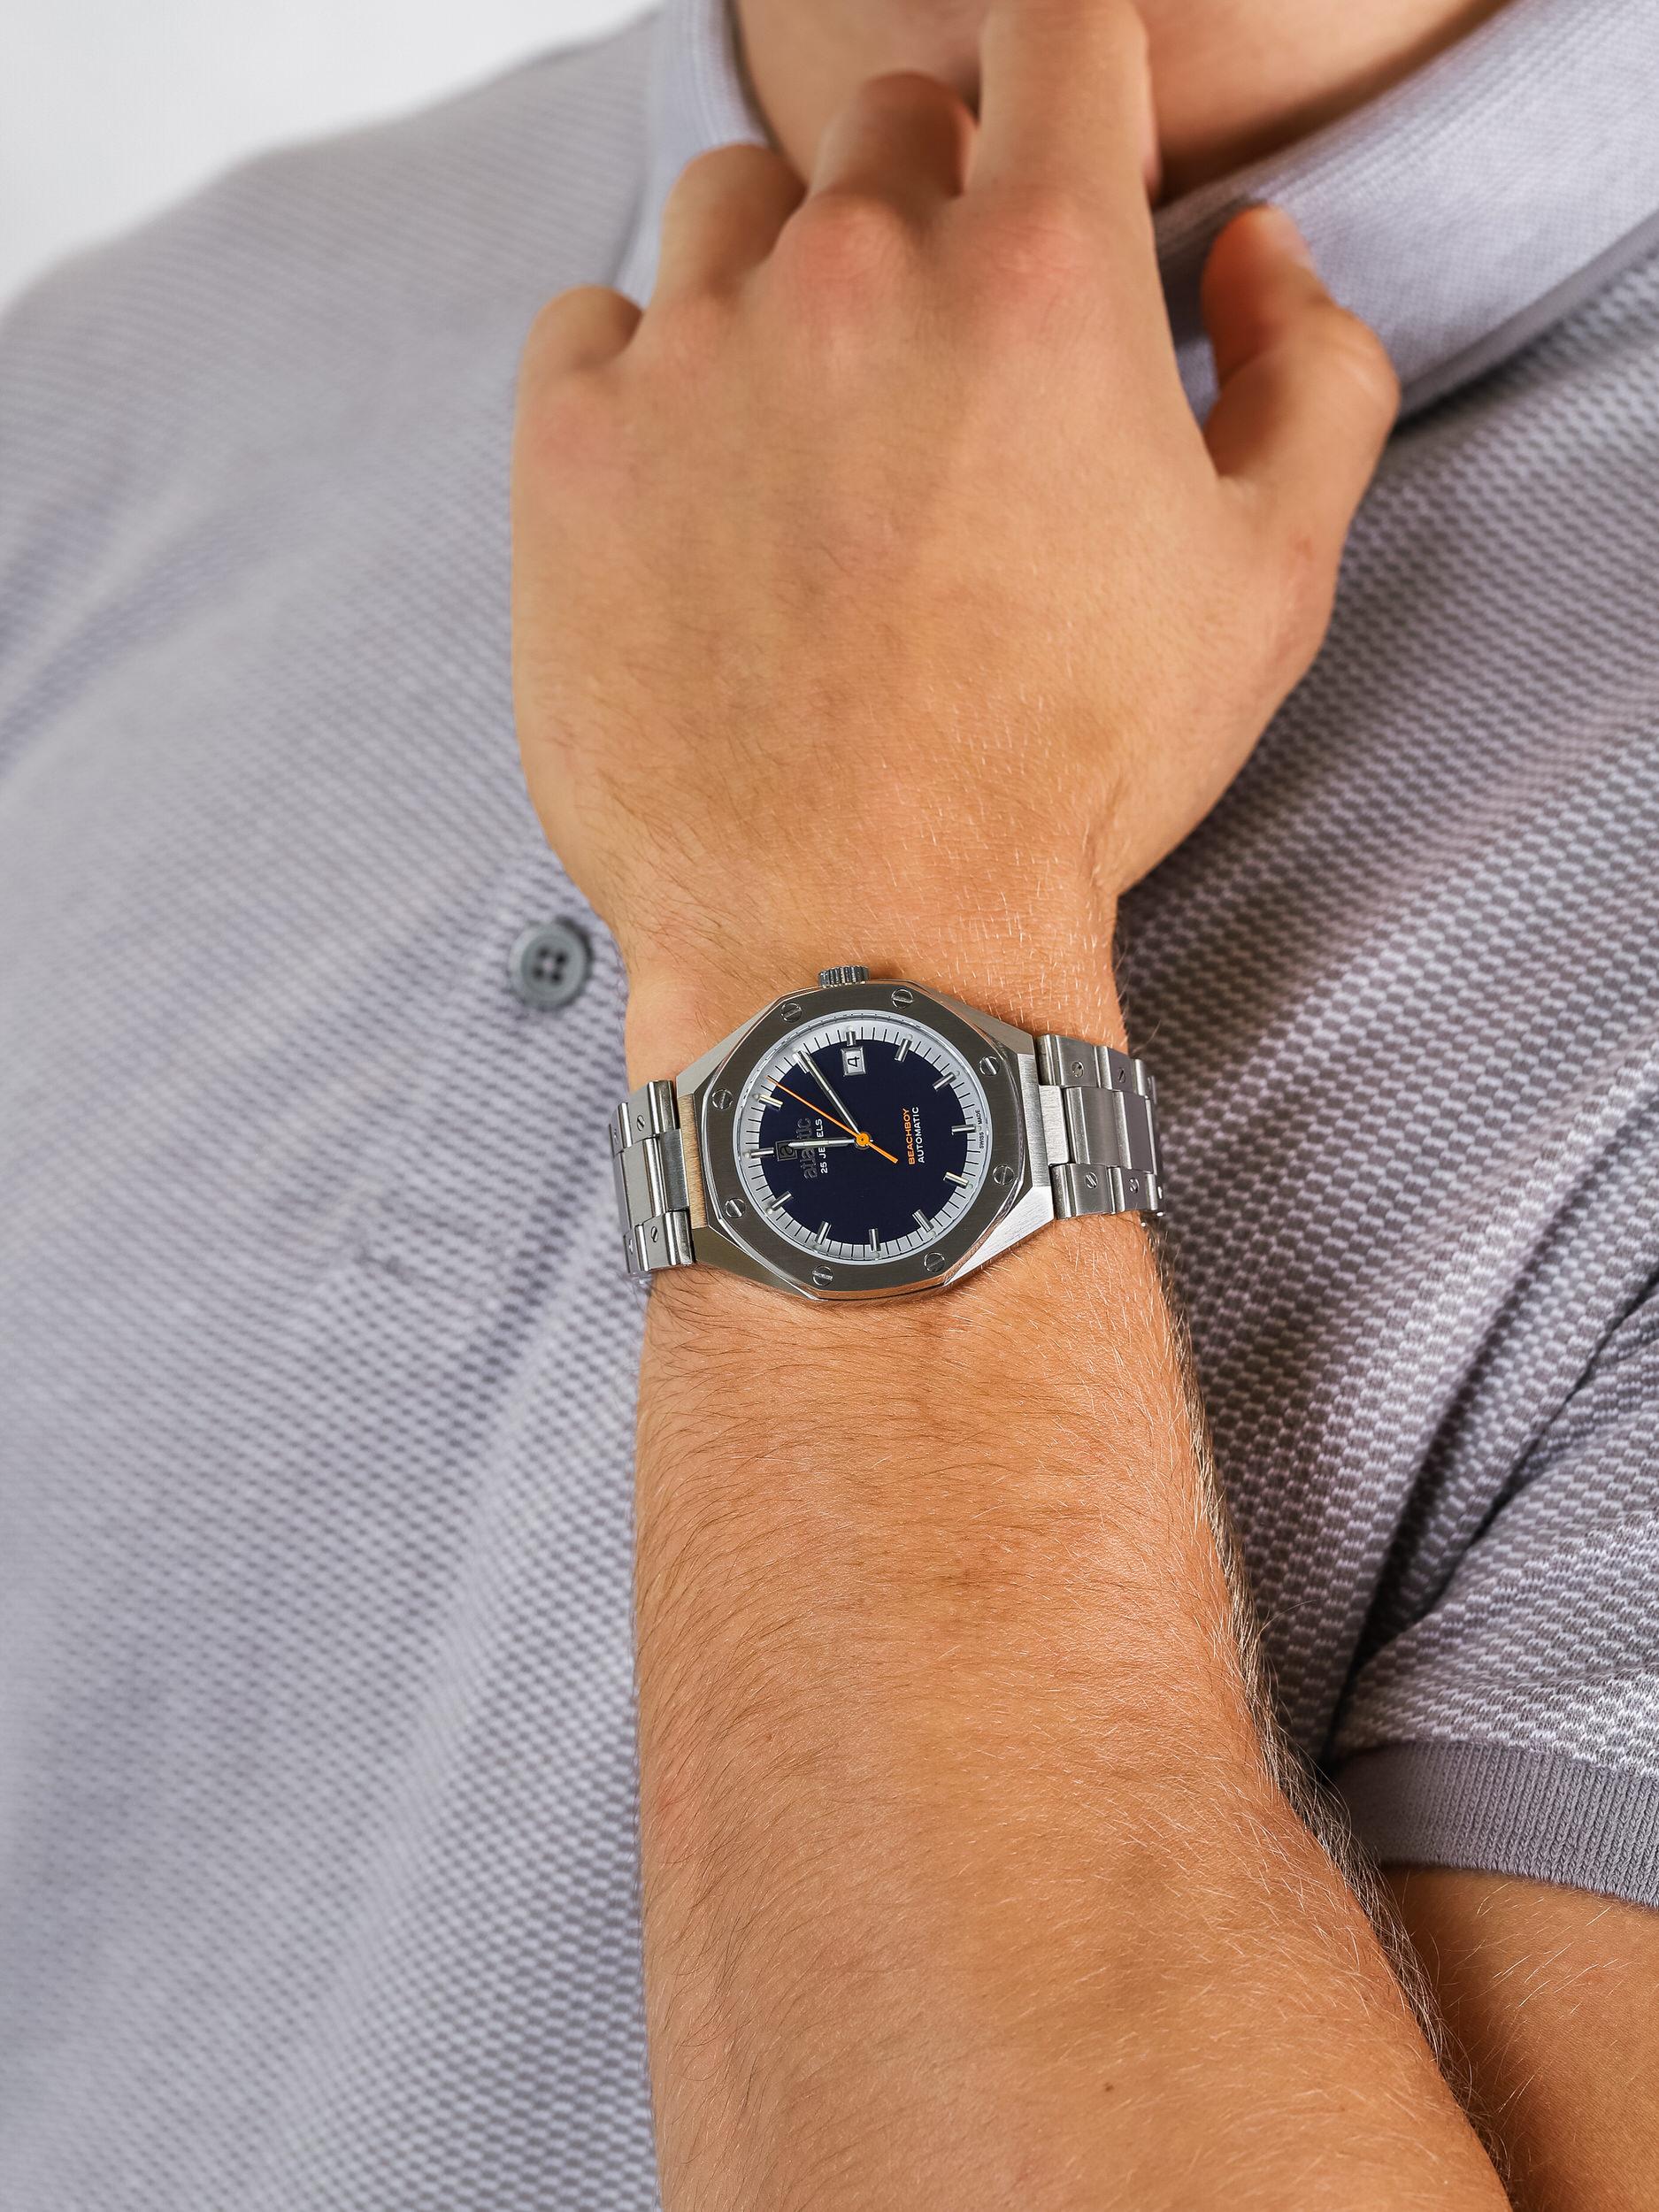 Atlantic 58765.41.51 męski zegarek Beachboy bransoleta